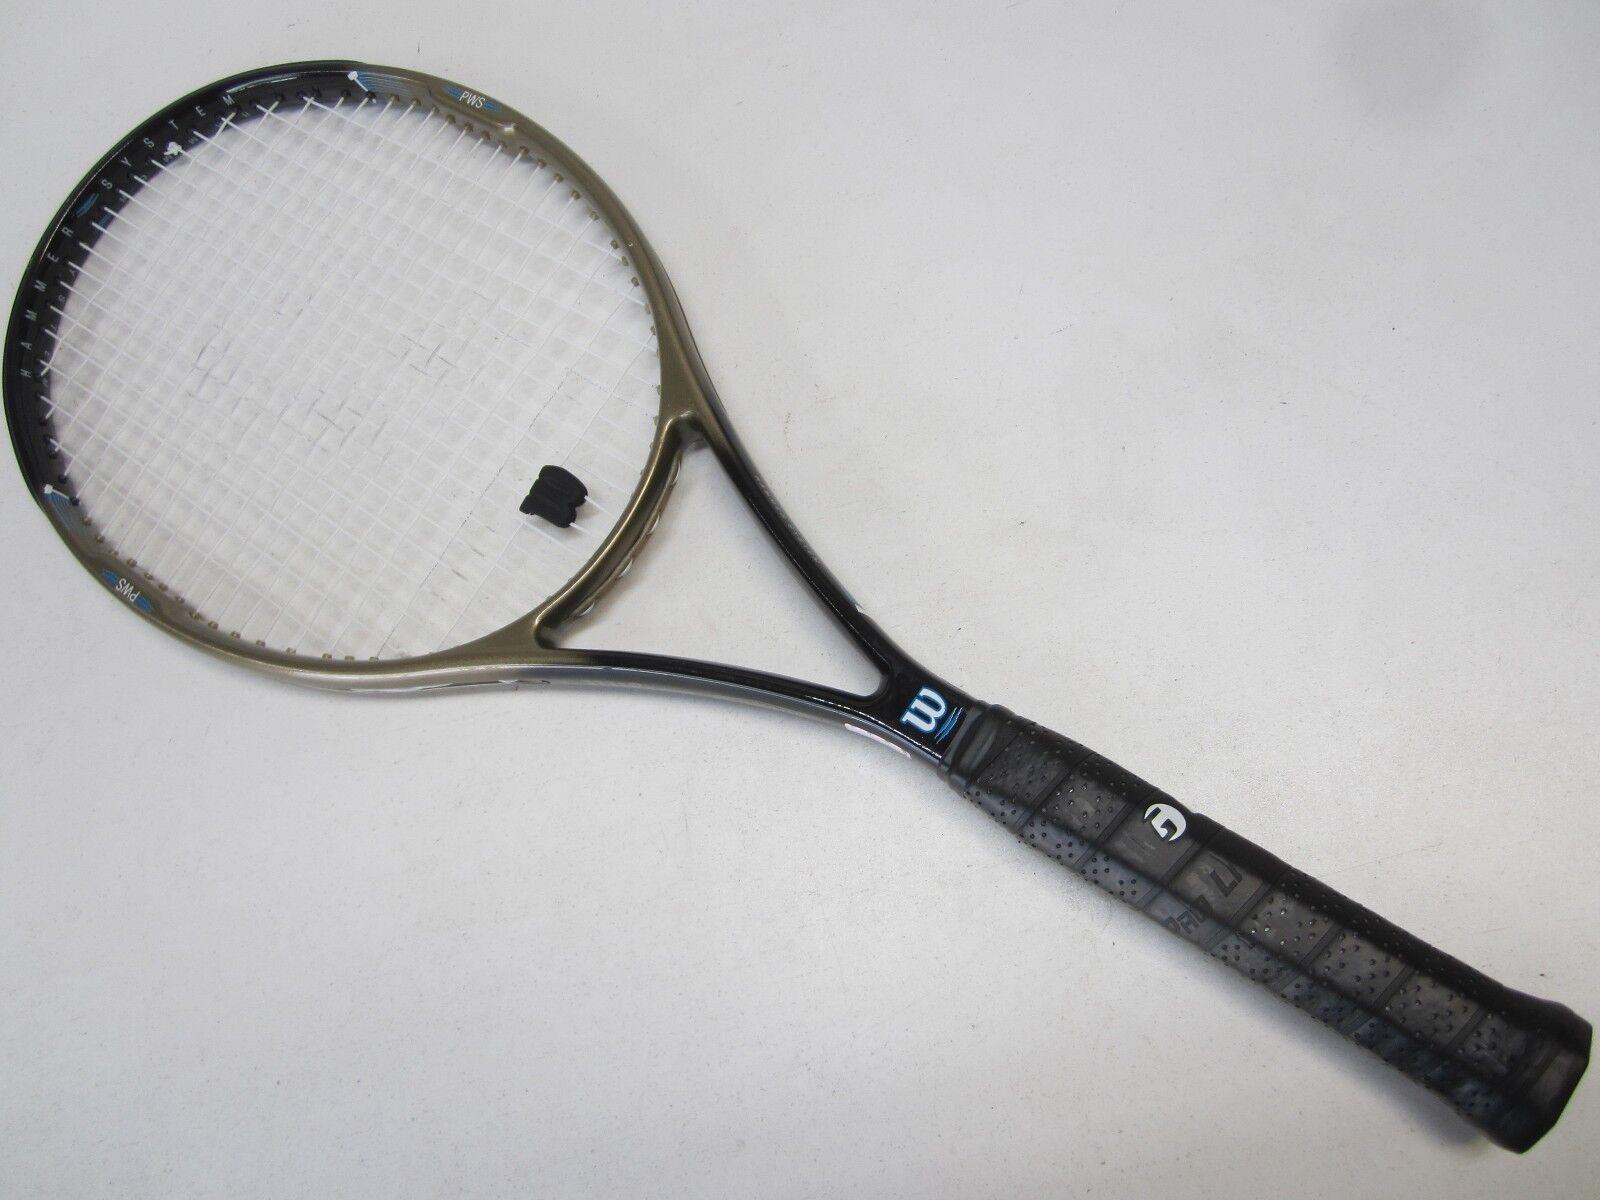 Wilson Pro Staff Hammer 4.0 MP Raquette de Tennis (4 1 2) bien conservé